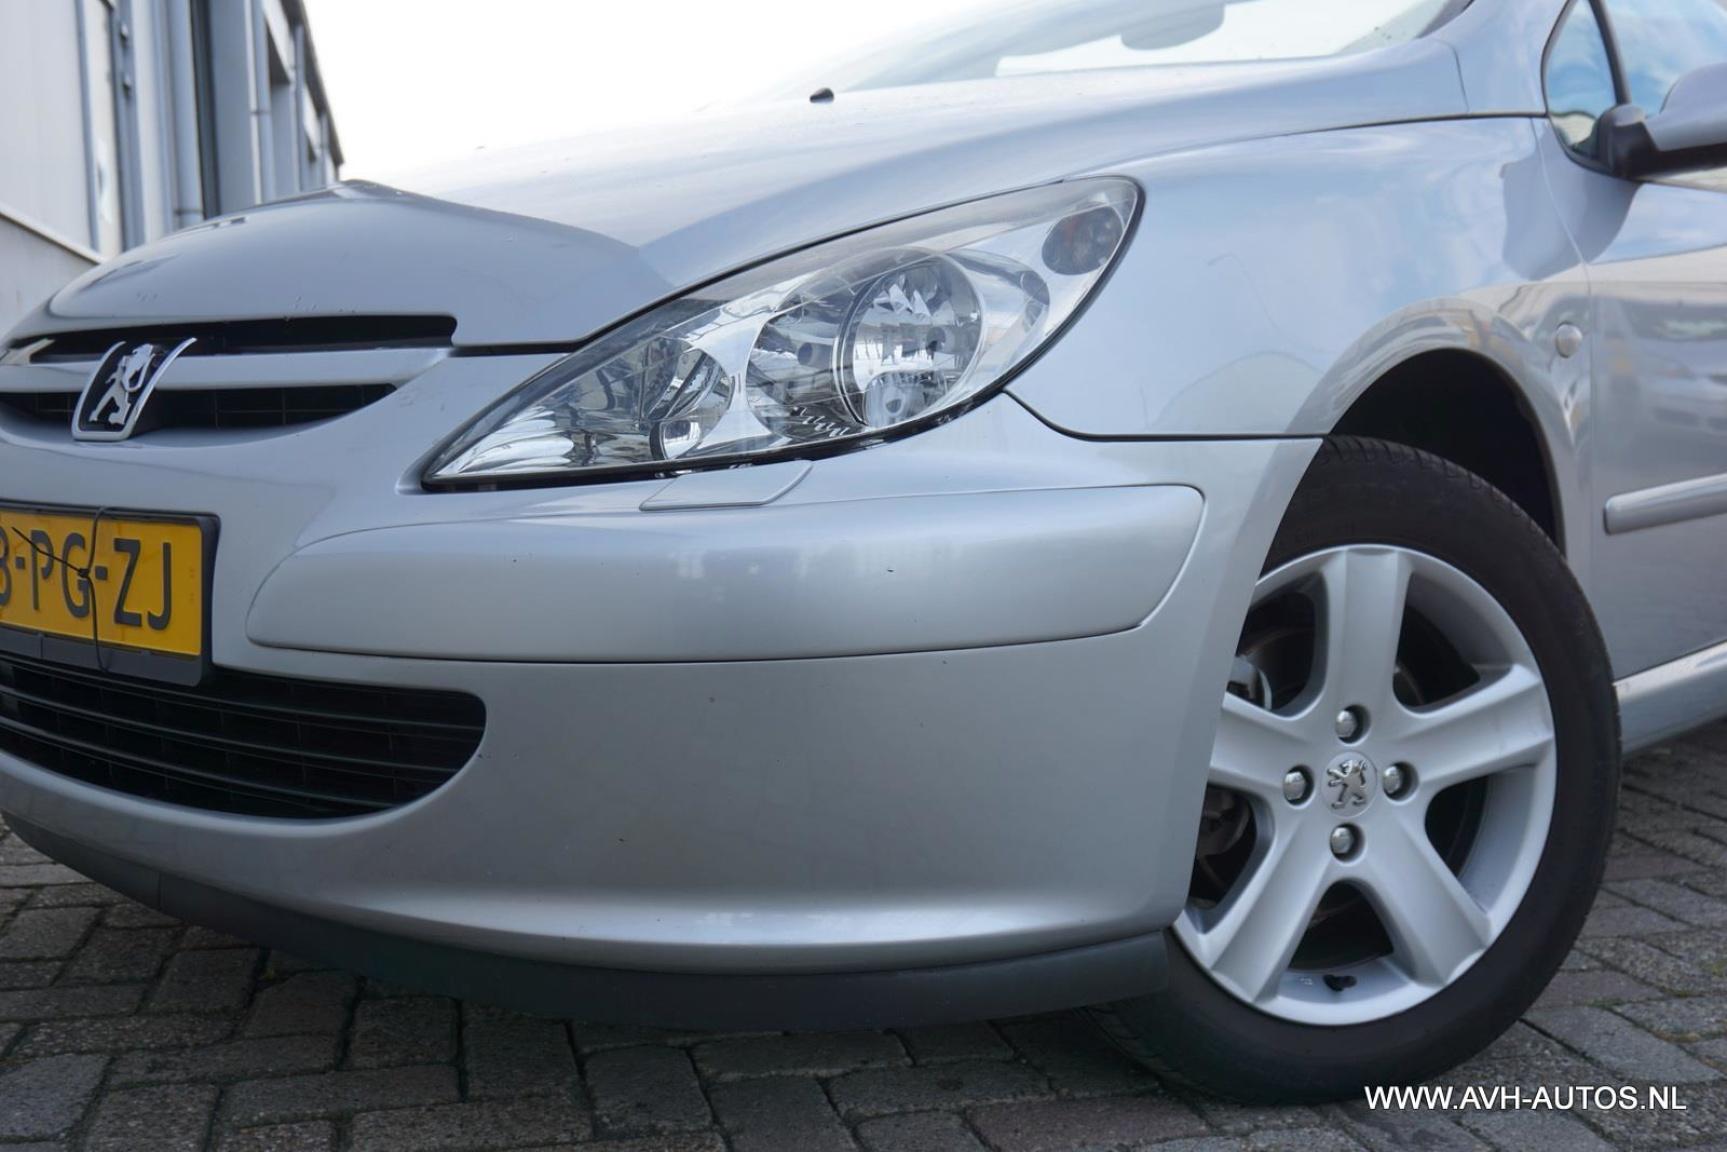 Peugeot-307-12